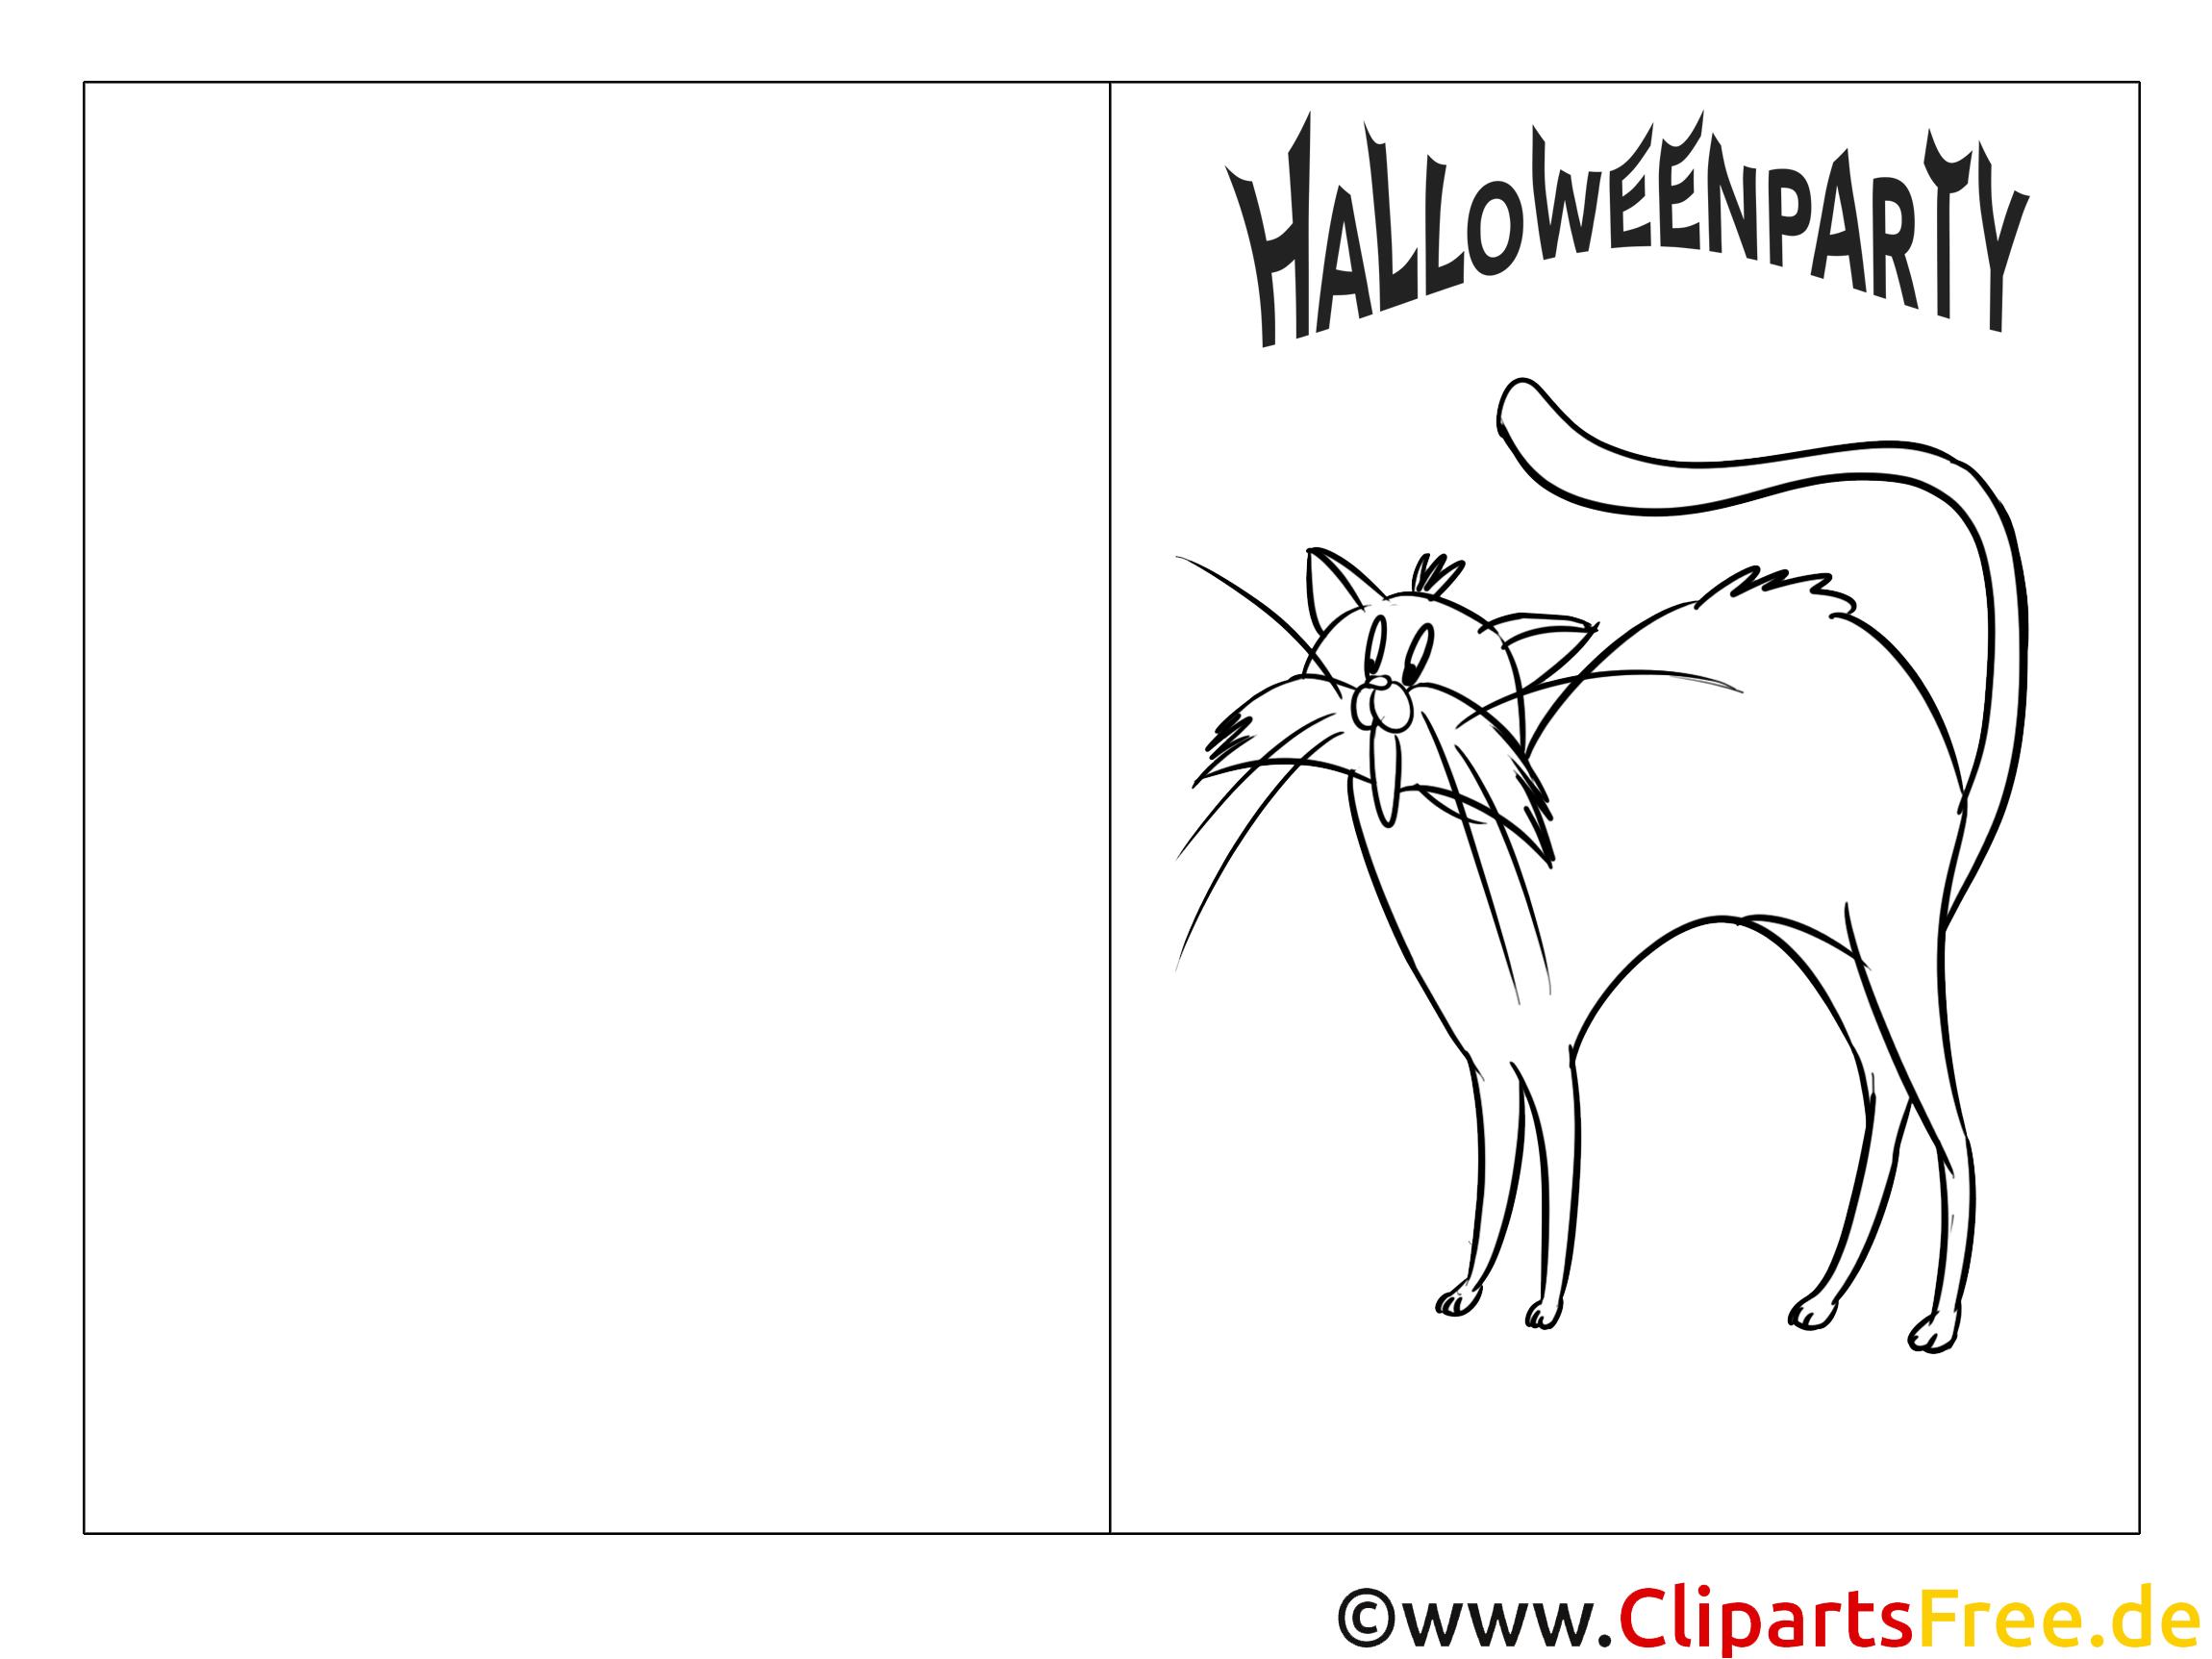 Kostenloses Ausmalbild schwarze Katze zu Halloween